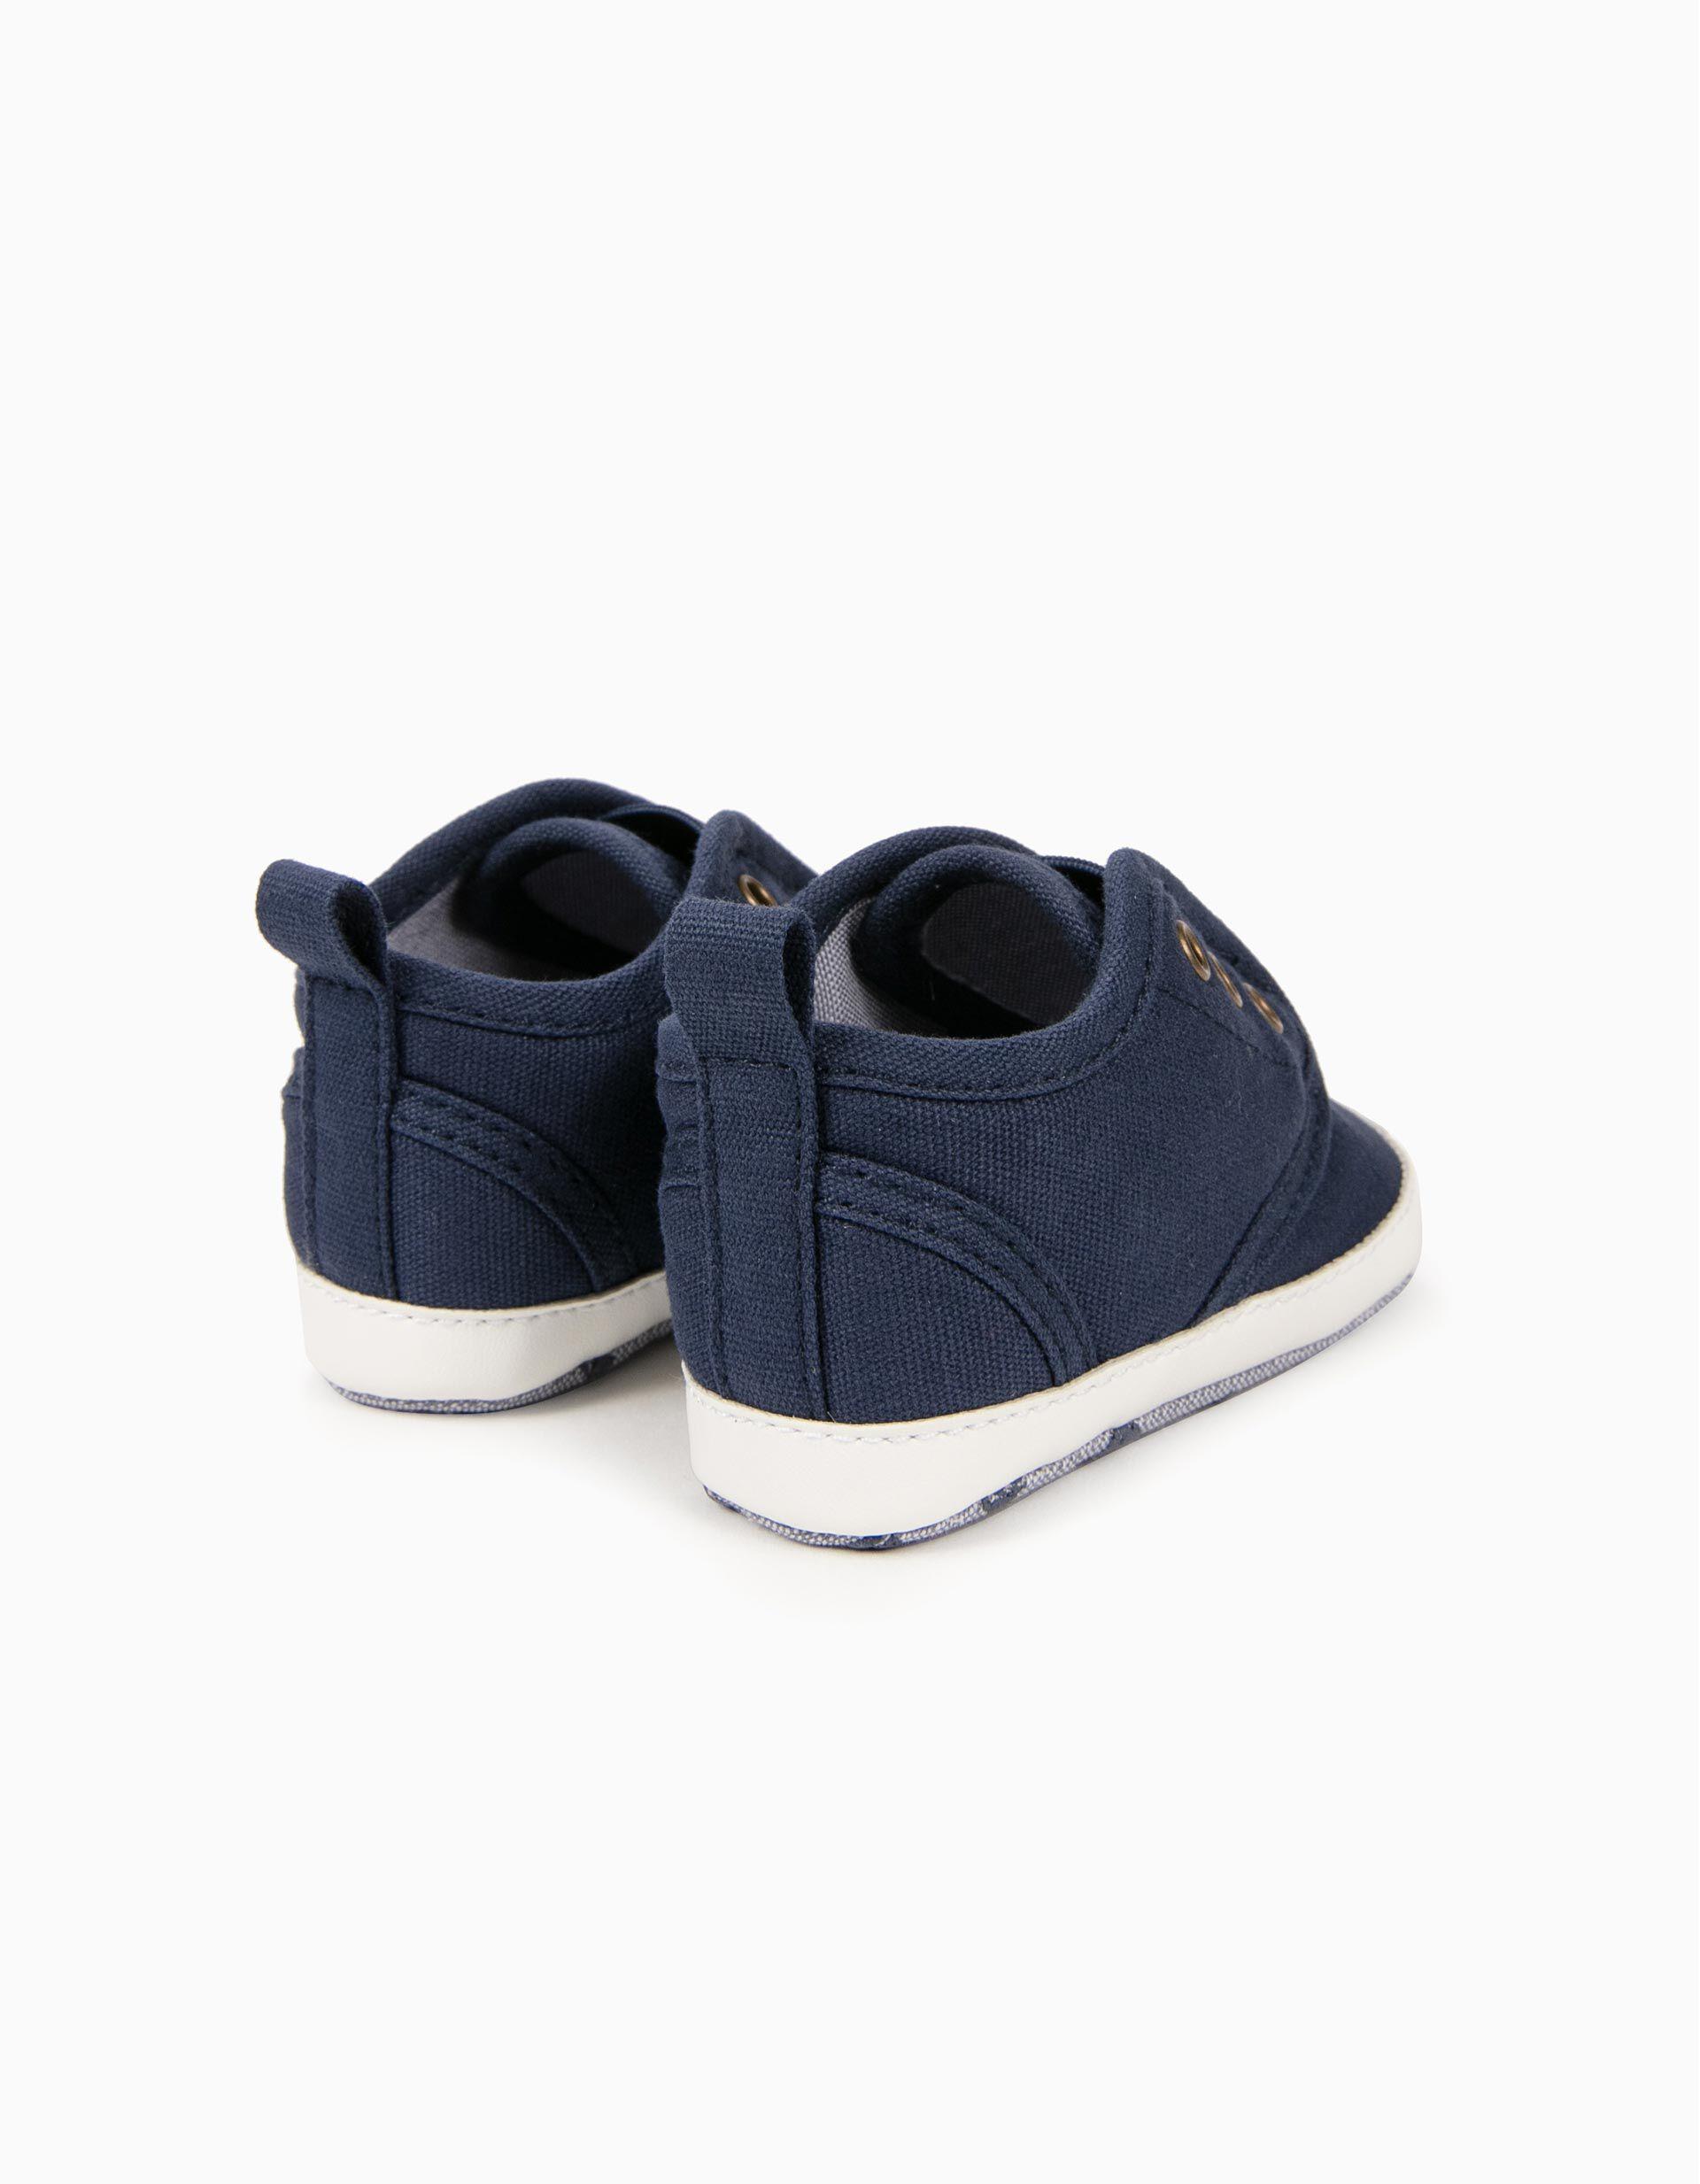 Sapatilhas de Lona para Recém Nascido, Azul Escuro